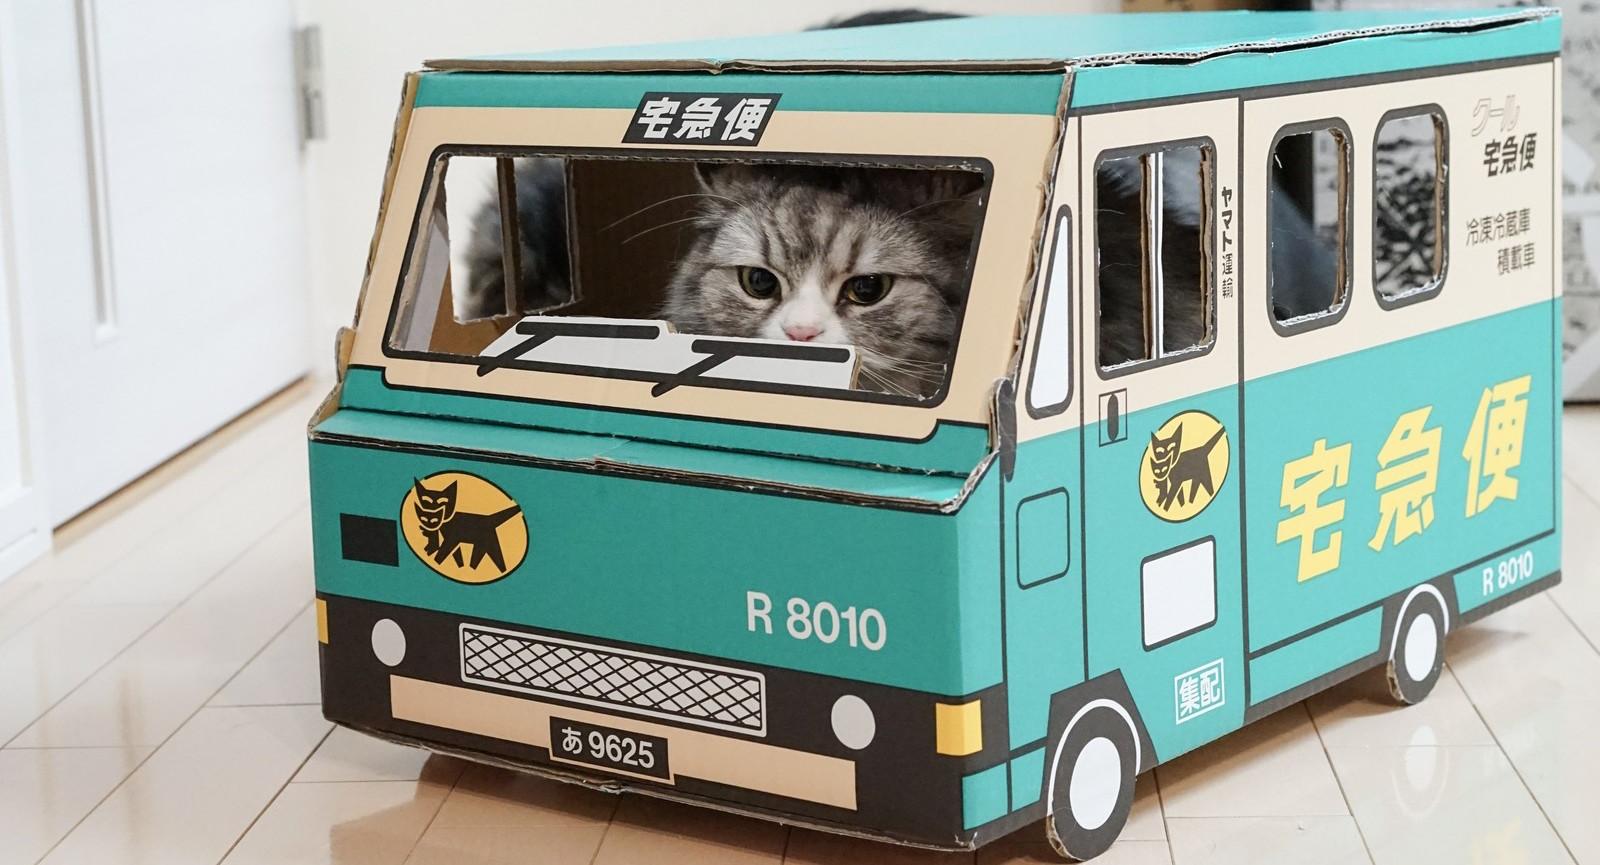 佐川急便のトラックの中に猫が入っている